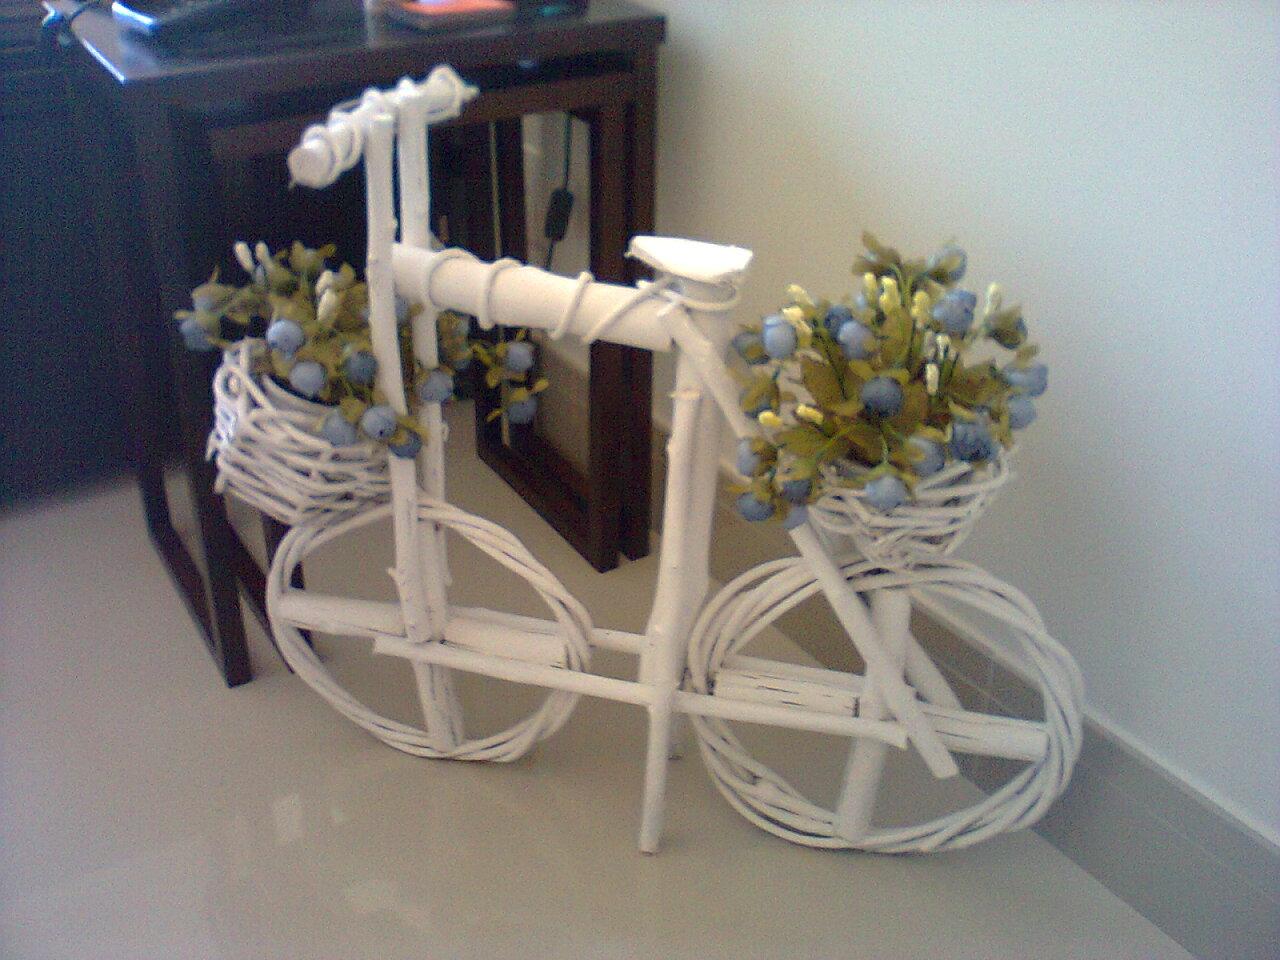 enfeite jardim bicicleta:bicicleta foi adquirida aqui no CEAGESP de Sorocaba,